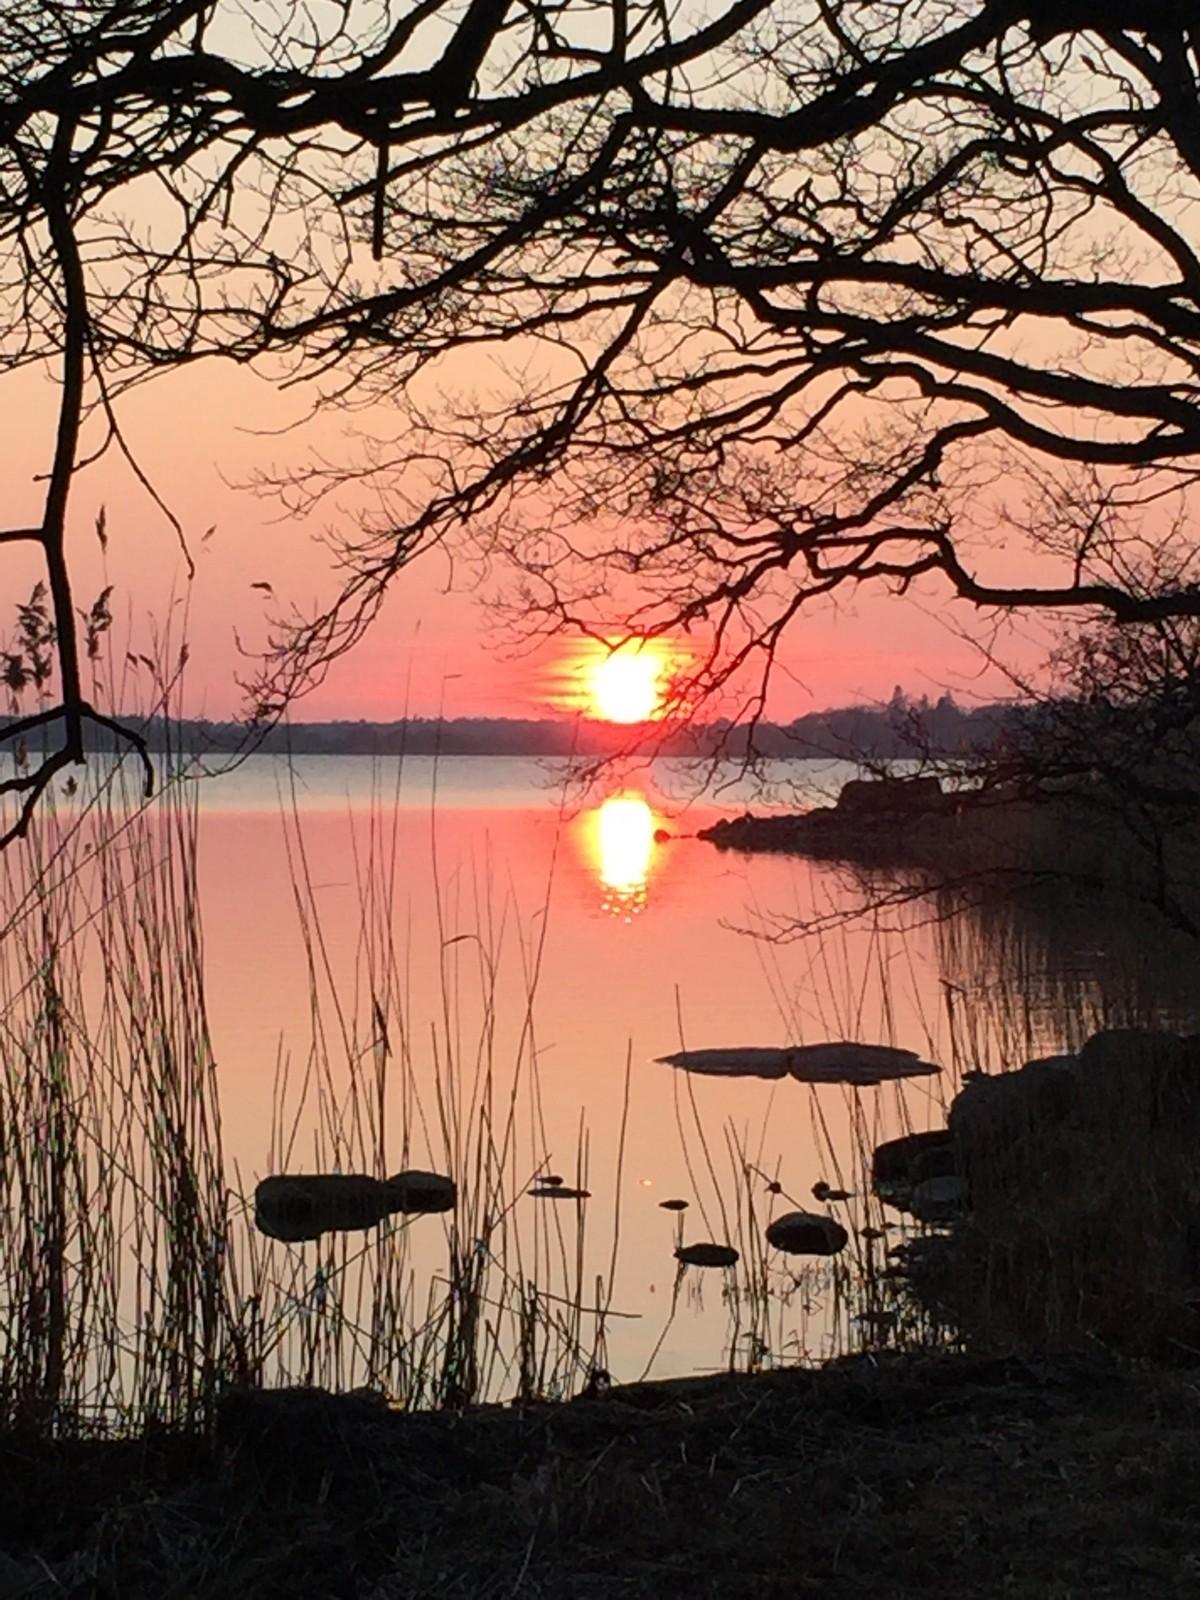 Bidrag 2 - Färgstark solnedgång sett genom träden intill vattnet